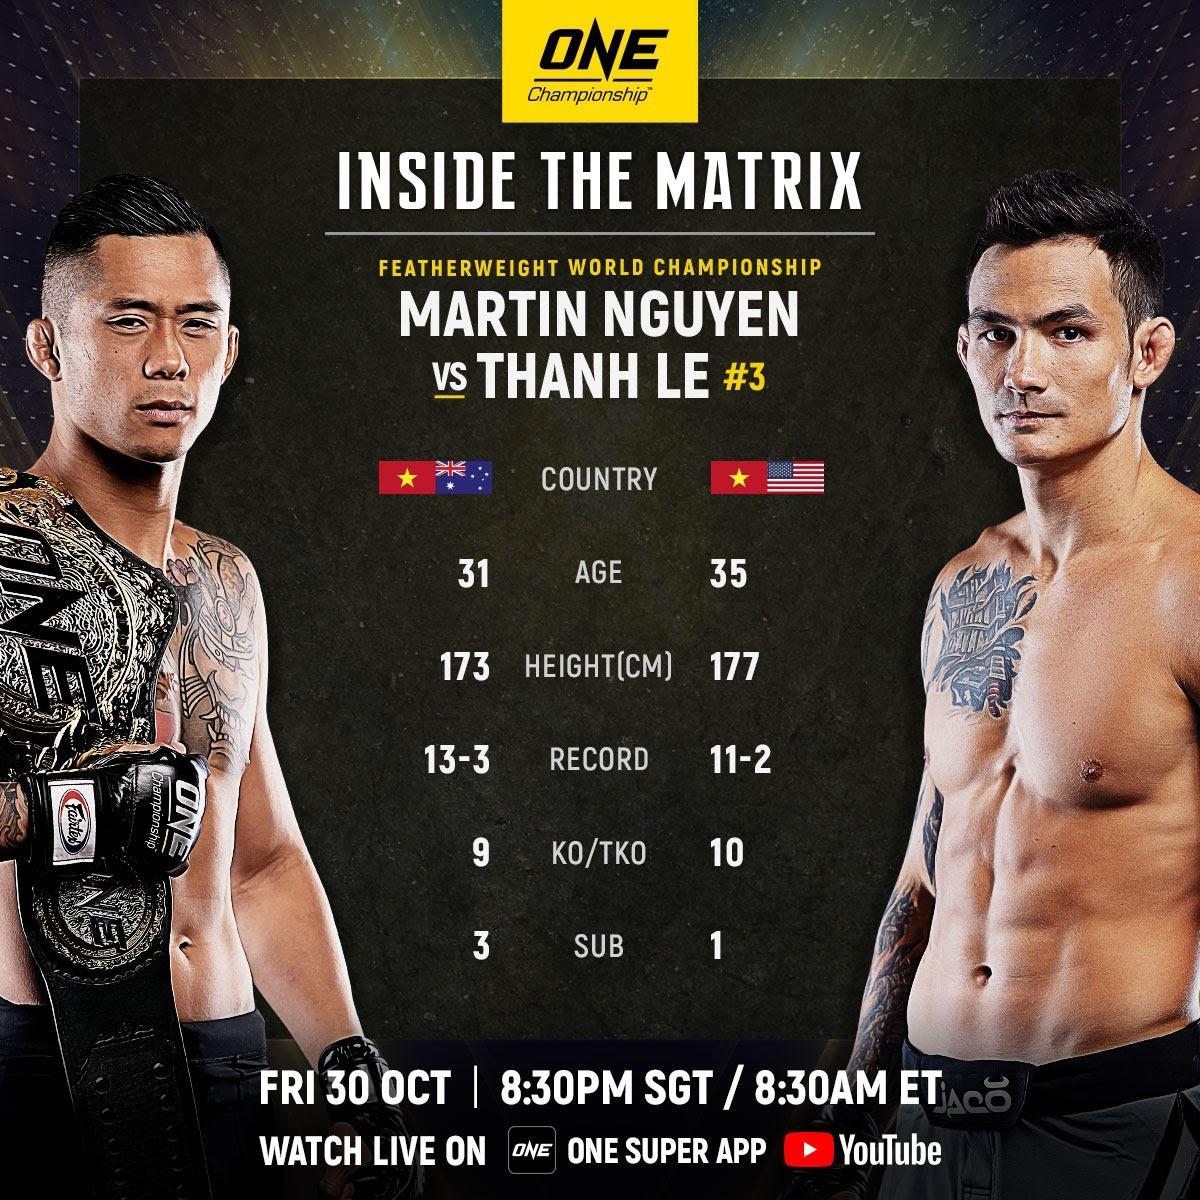 Đại chiến MMA: Martin Nguyễn nhận thất bại trước đồng hương Thanh Le